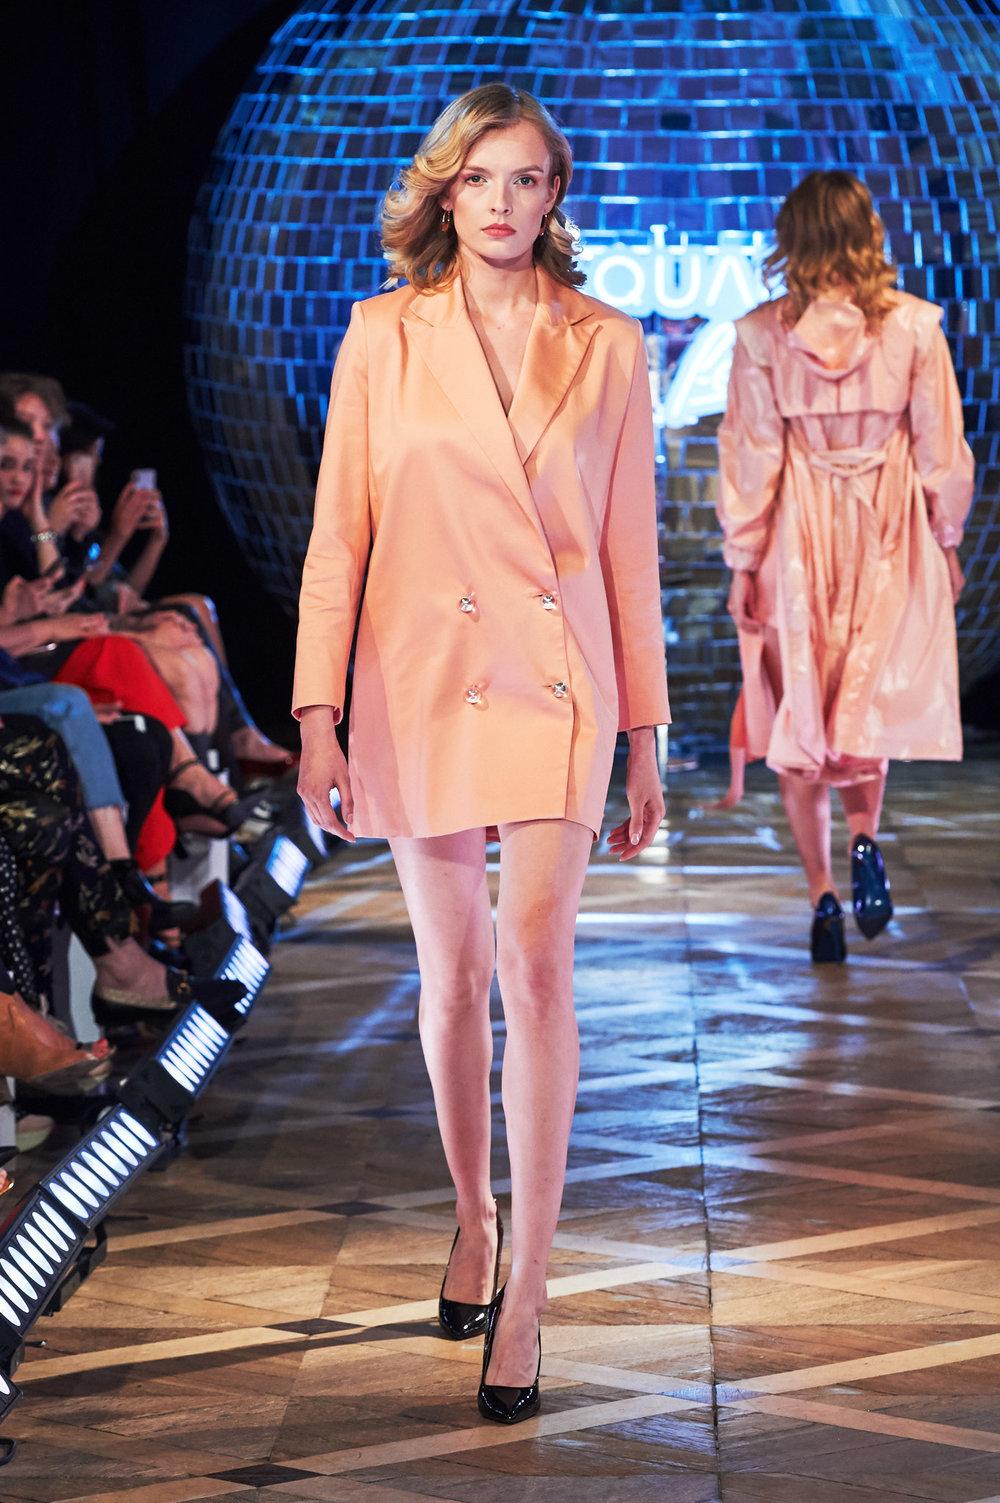 9_ZAQUAD_090519_lowres-fotFilipOkopny-FashionImages.jpg